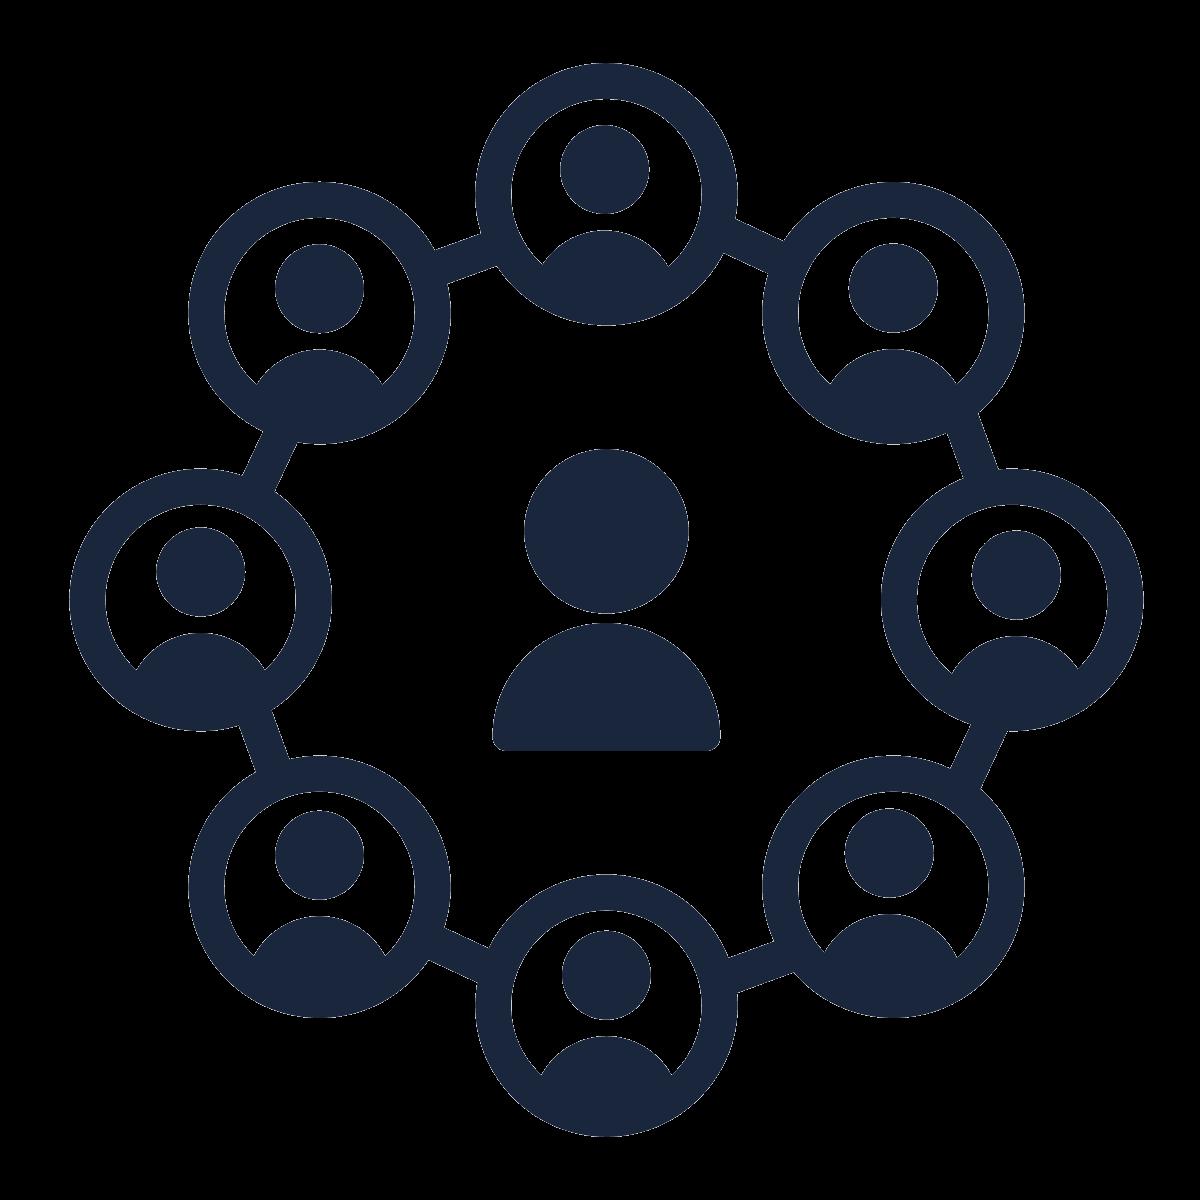 social cohesion icon